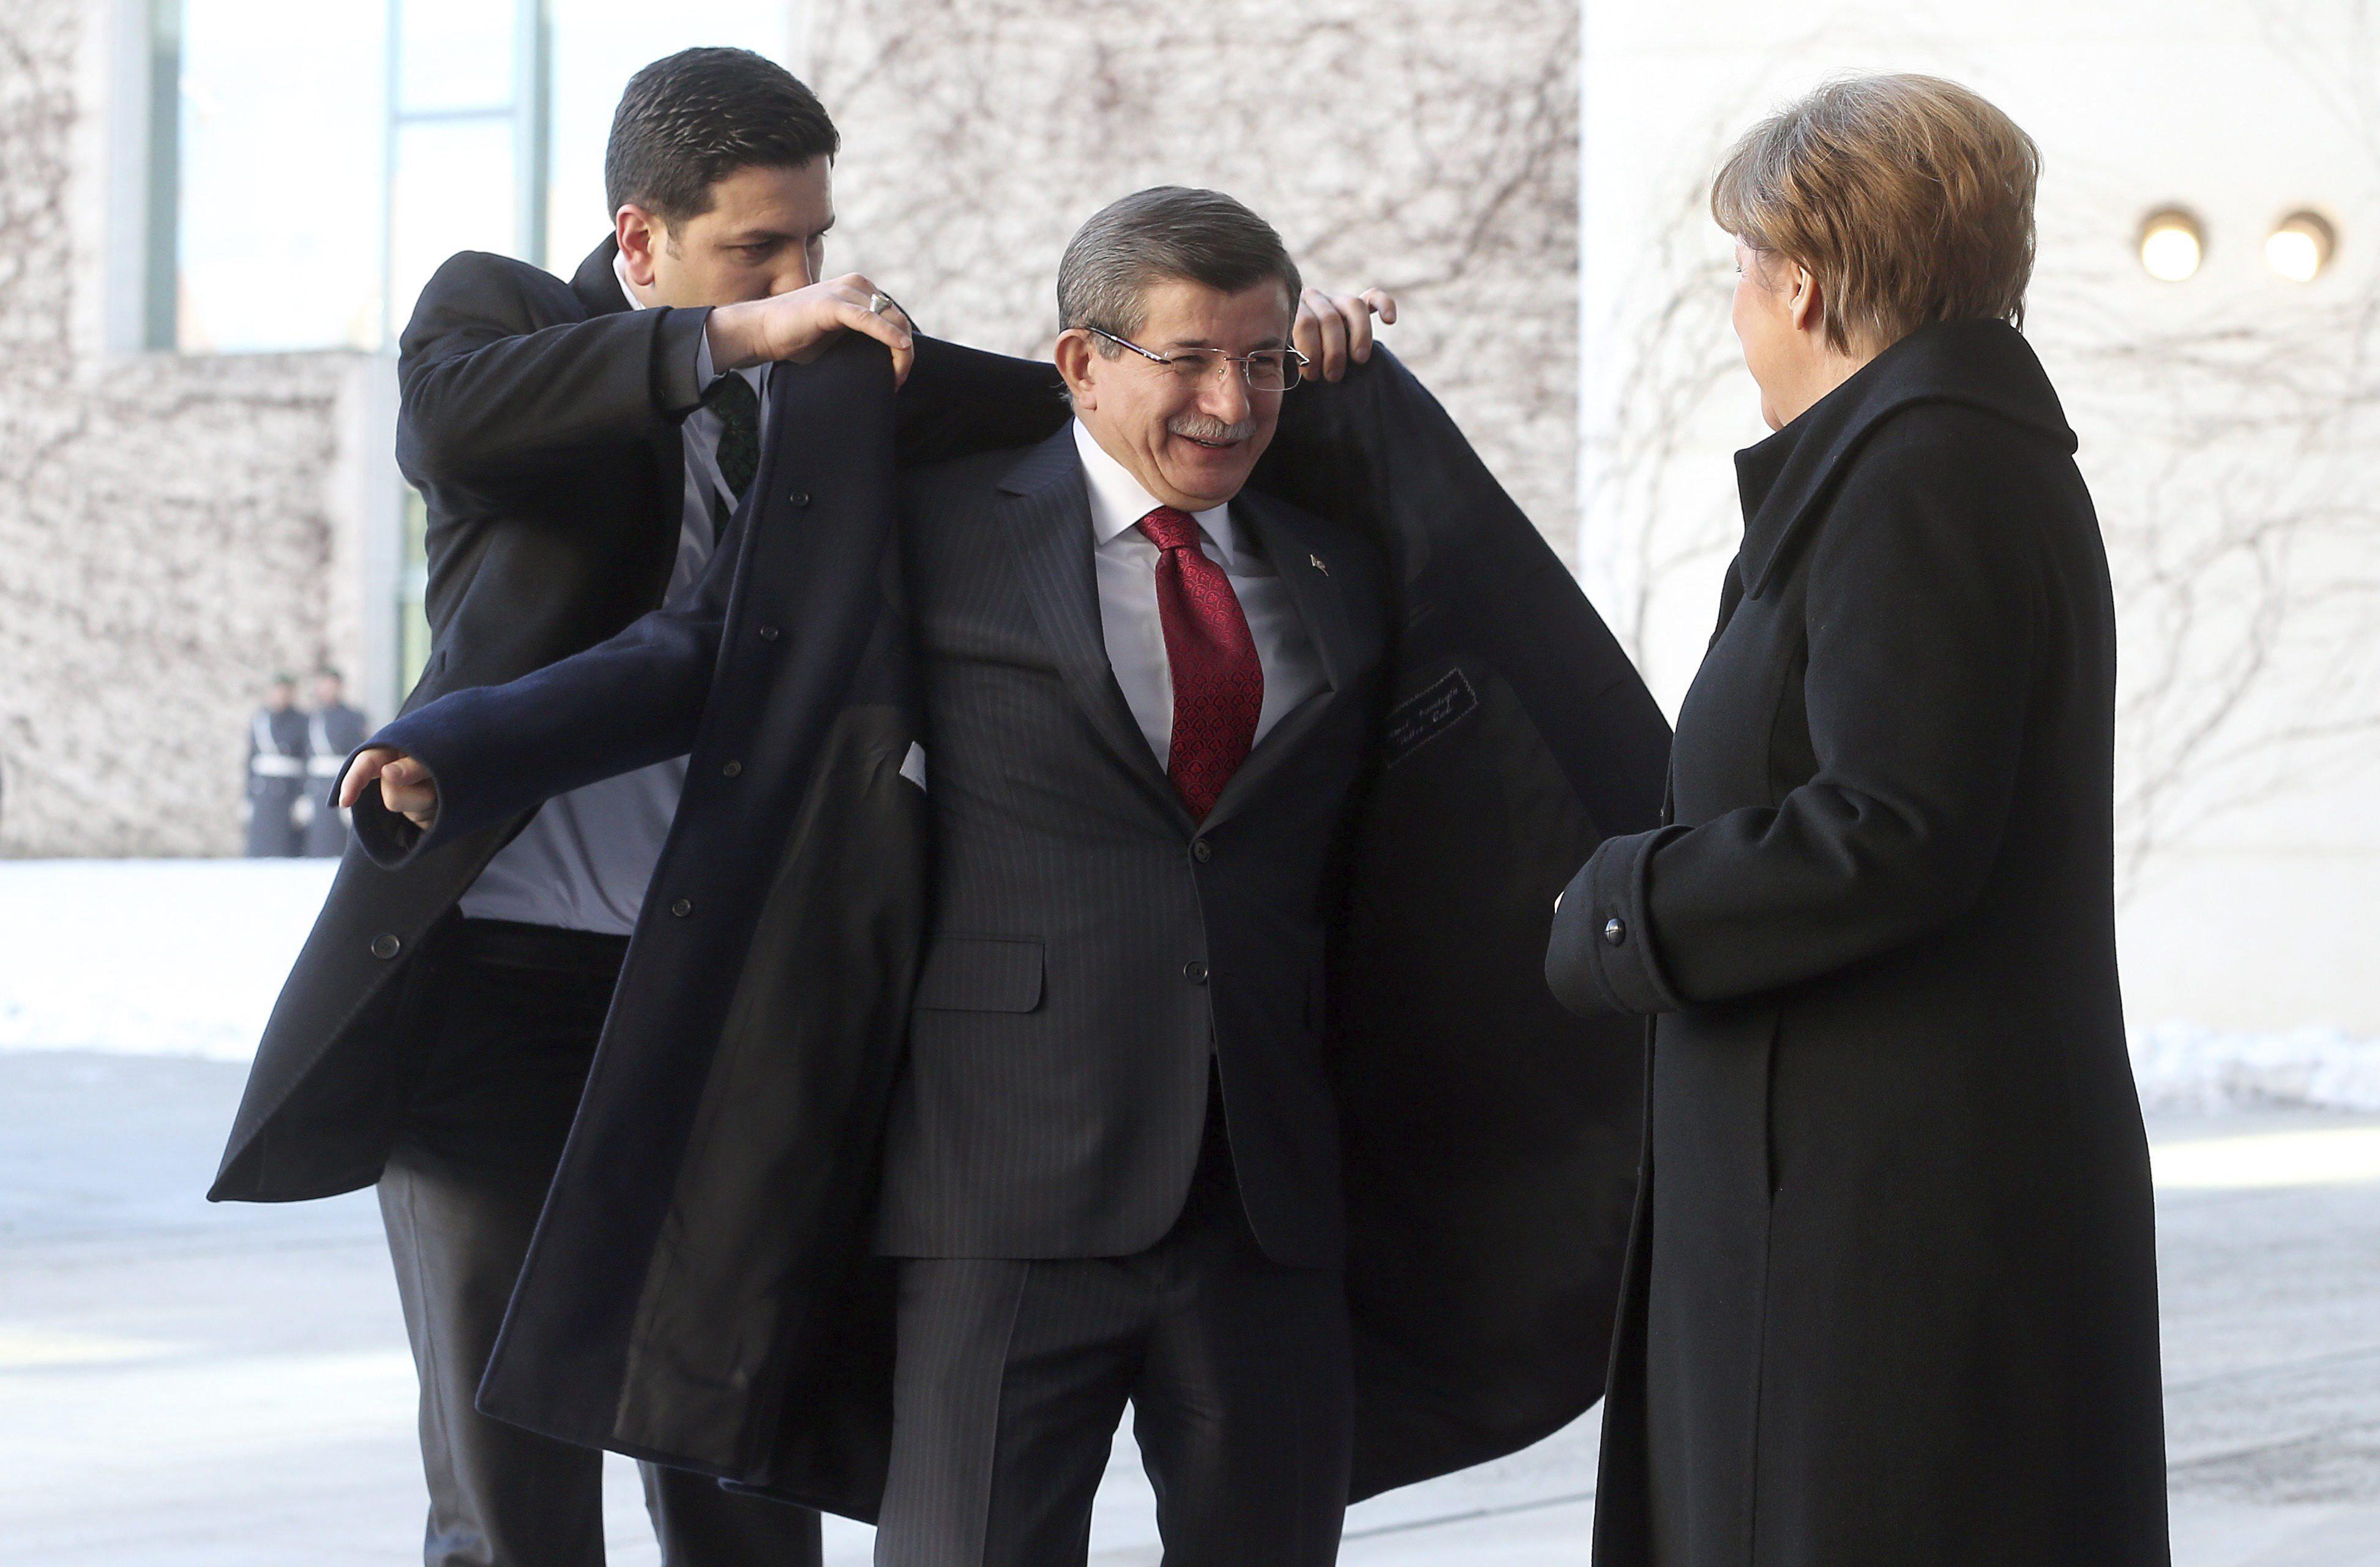 La canciller alemana, Angela Merkel (dcha), recibe al primer ministro turco, Ahmet Davutoglu, con honores militares a su llegada a la Cancillería, hoy, 22 de enero de 2016 en Berlín (Alemania). EFE/Wolfgang Kumm